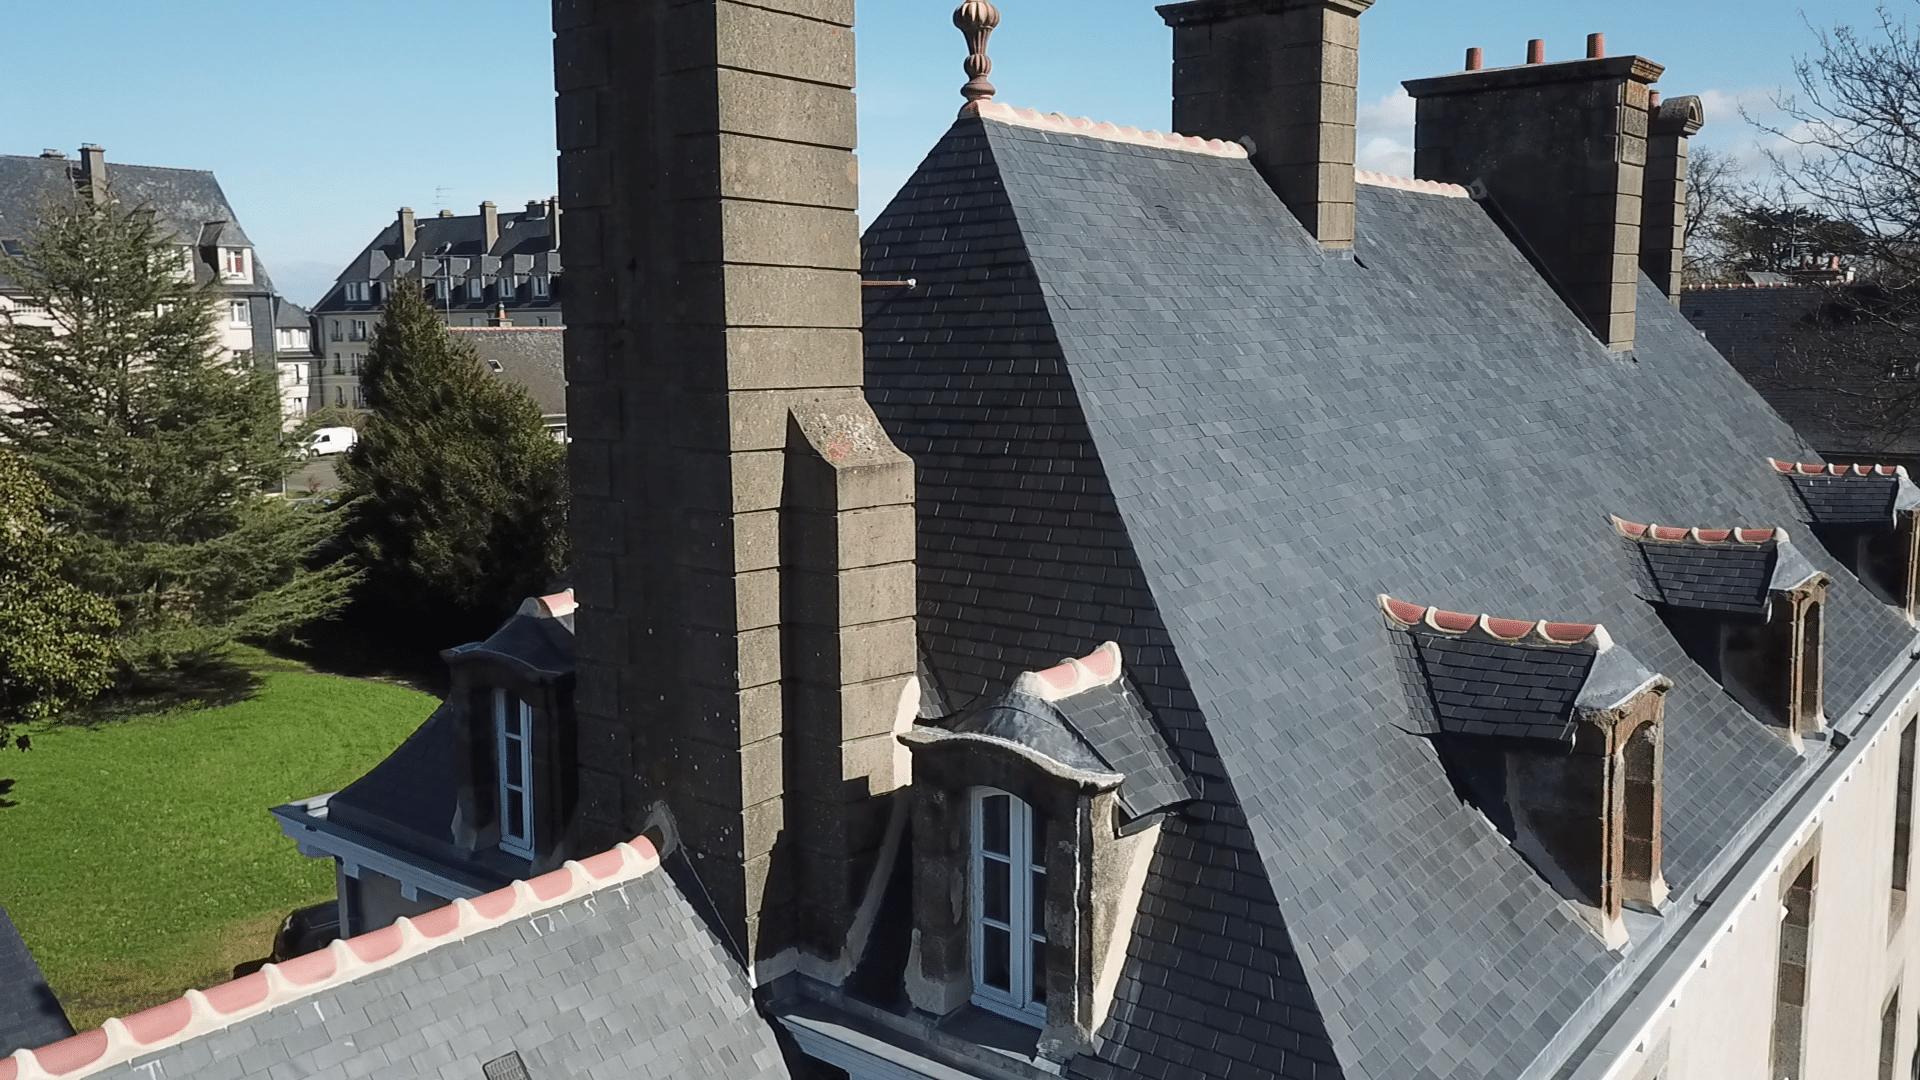 restauration de toiture au clou